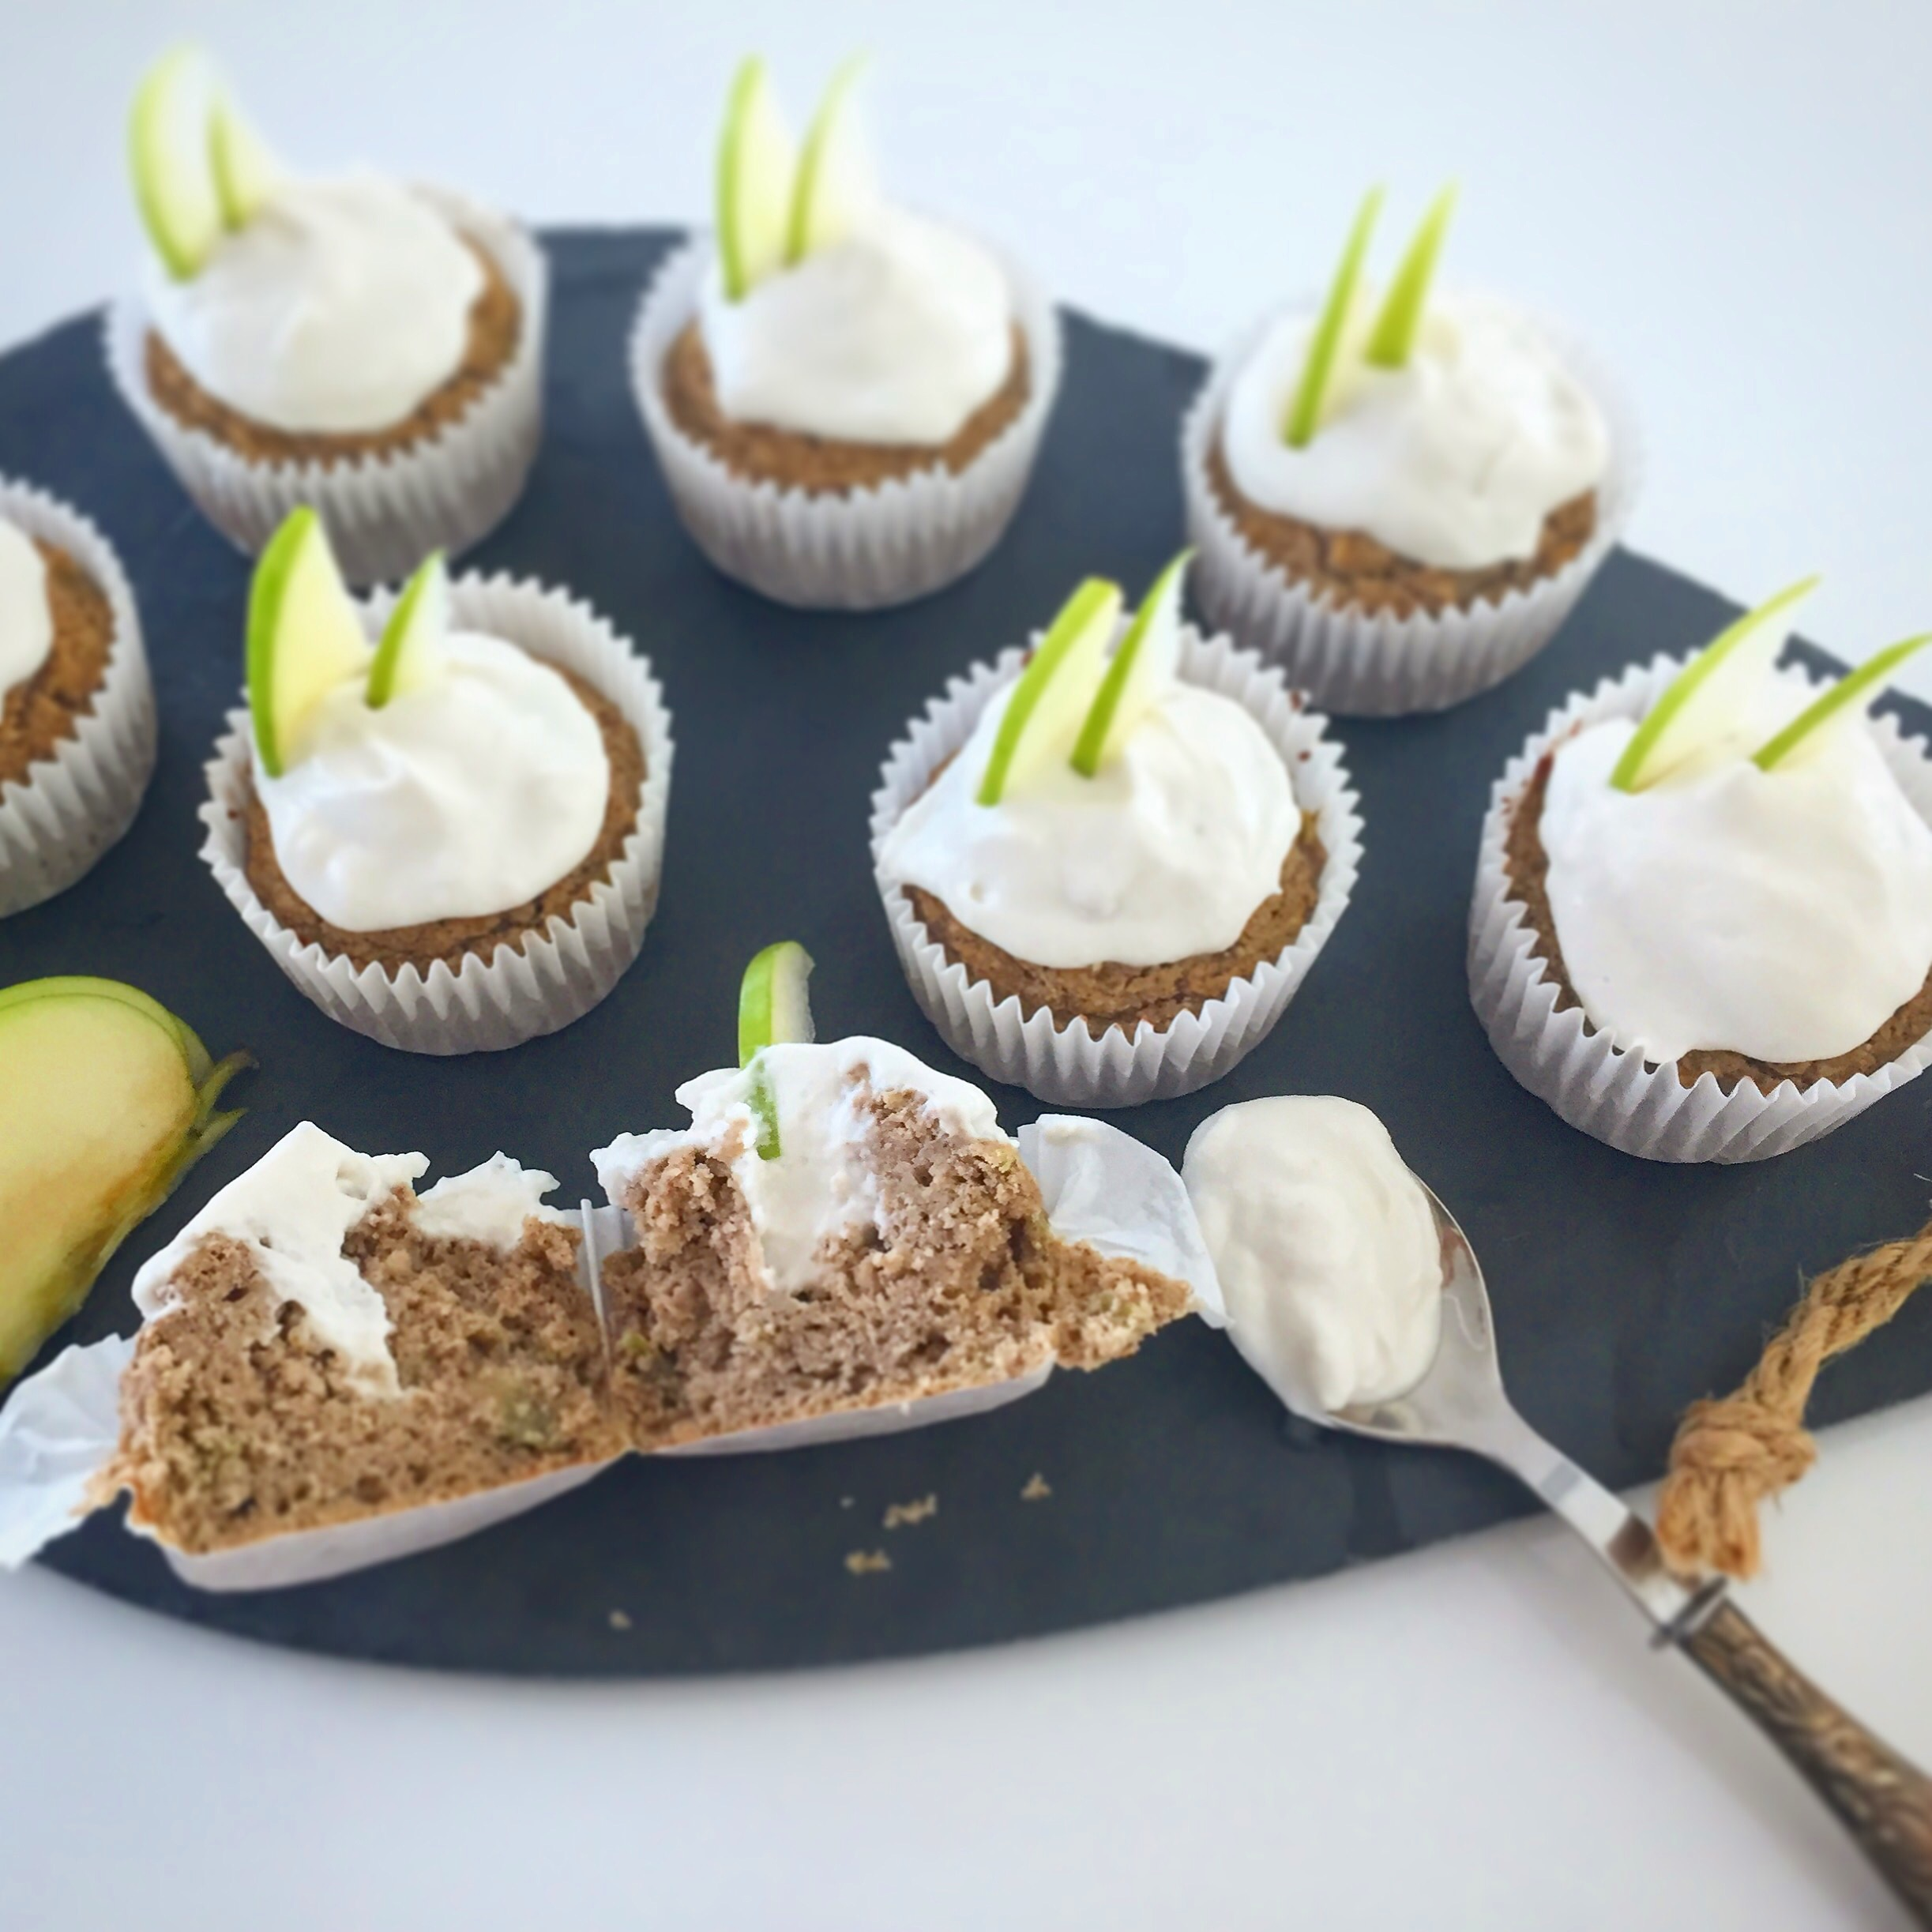 Cupcakes de maçã verde com recheio de baunilha - Blog da Spice